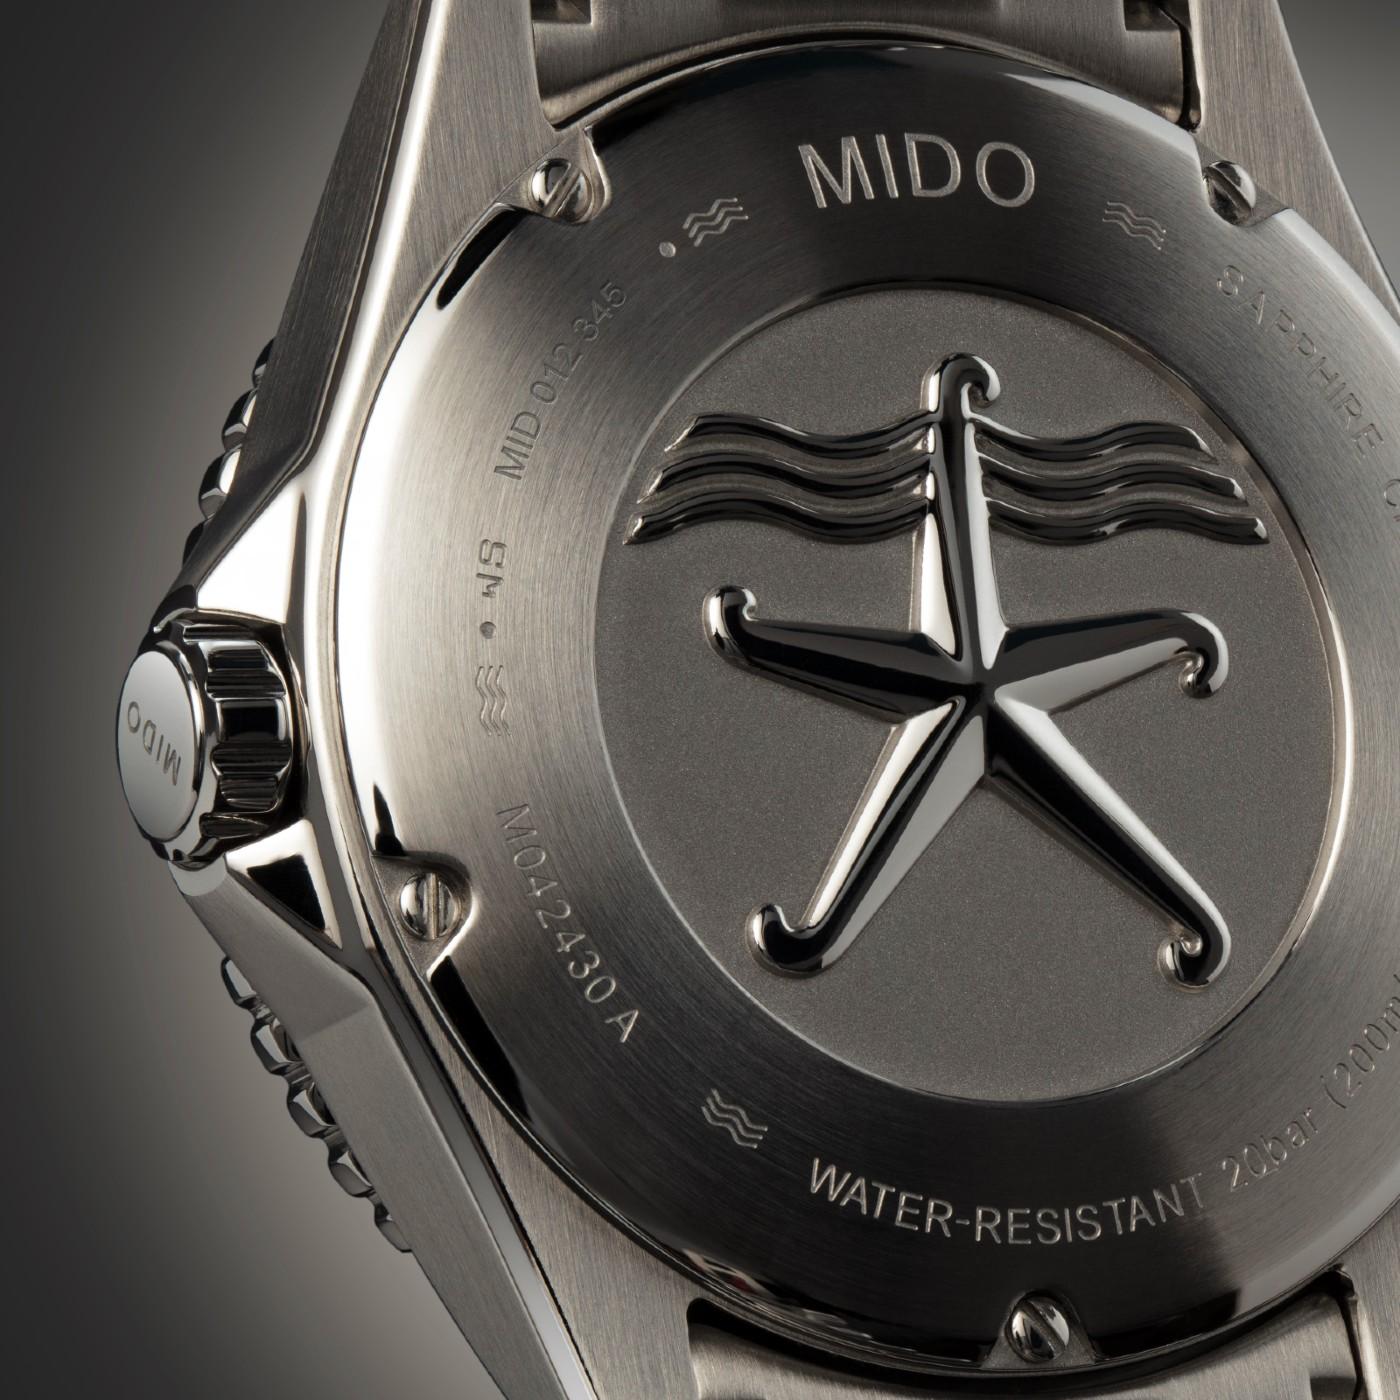 Morska zvijezda simbolizira ronilačke Mido satove